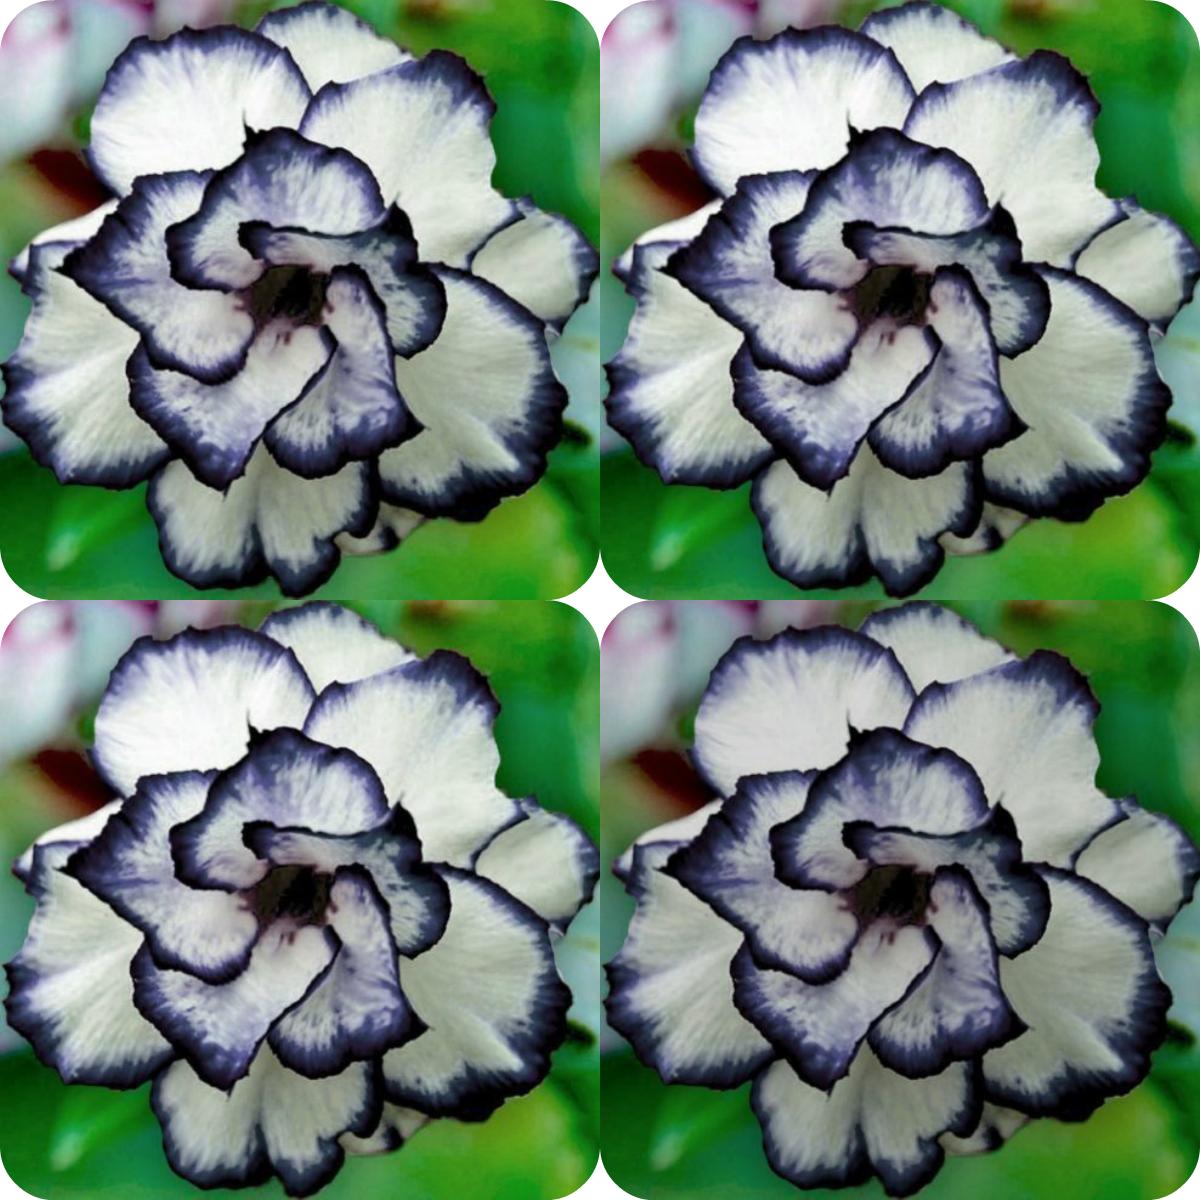 Fiori Perenni Da Balcone 100 pezzi rare nero bianco desert rose semi adenium obesum fiore perenne  piante esotiche semi di fiori bloom balcone giardino giardino